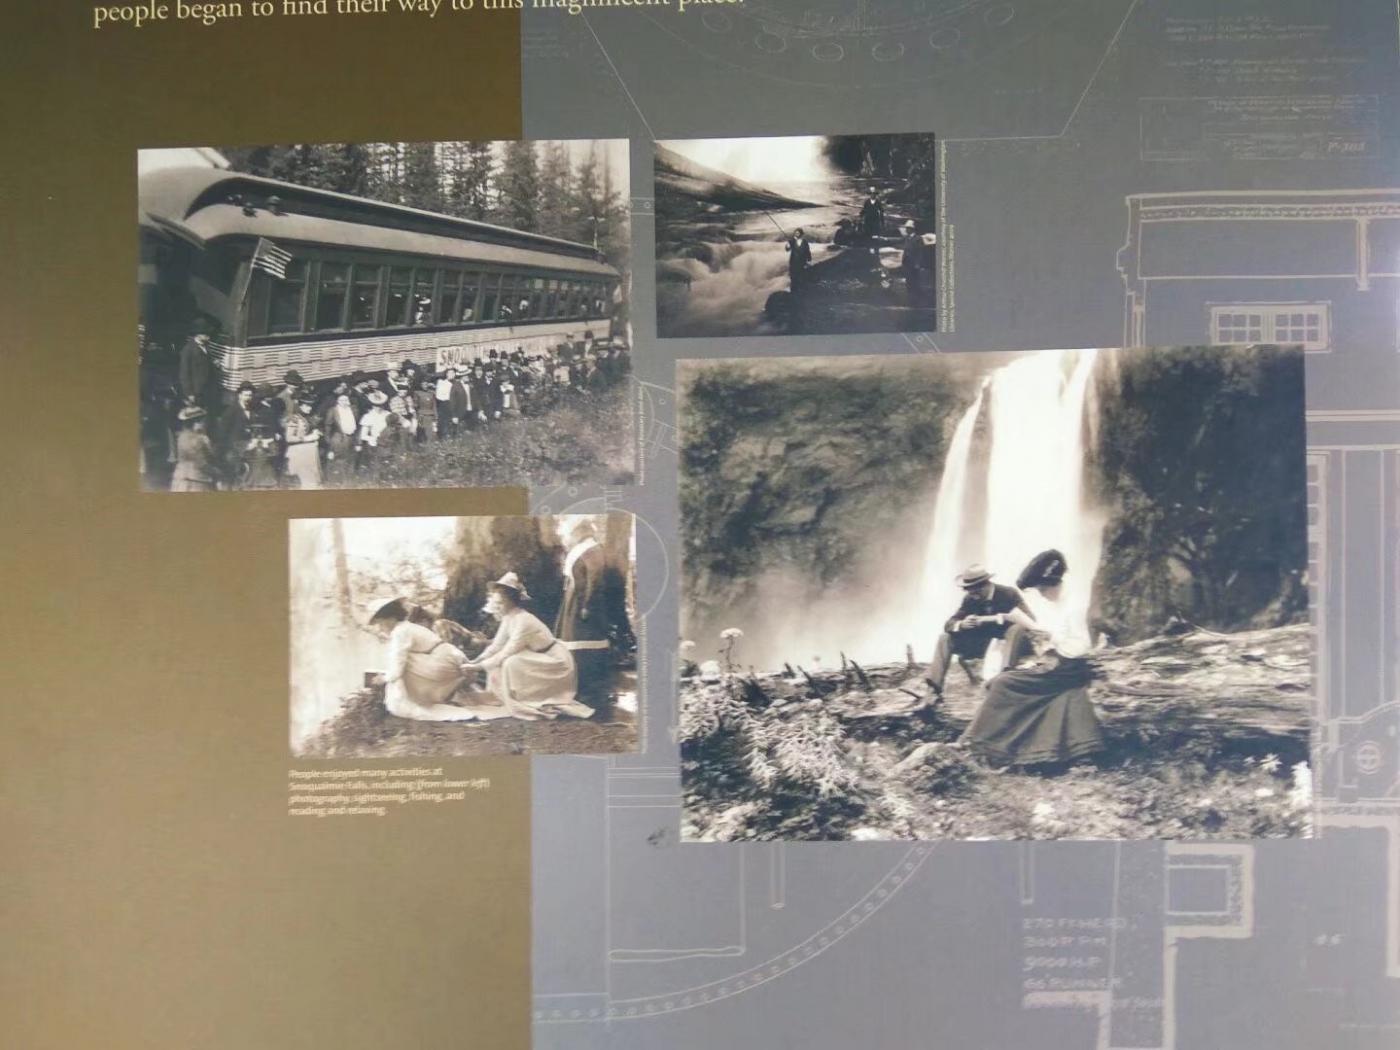 再访斯诺夸尔米瀑布(图)_图1-18